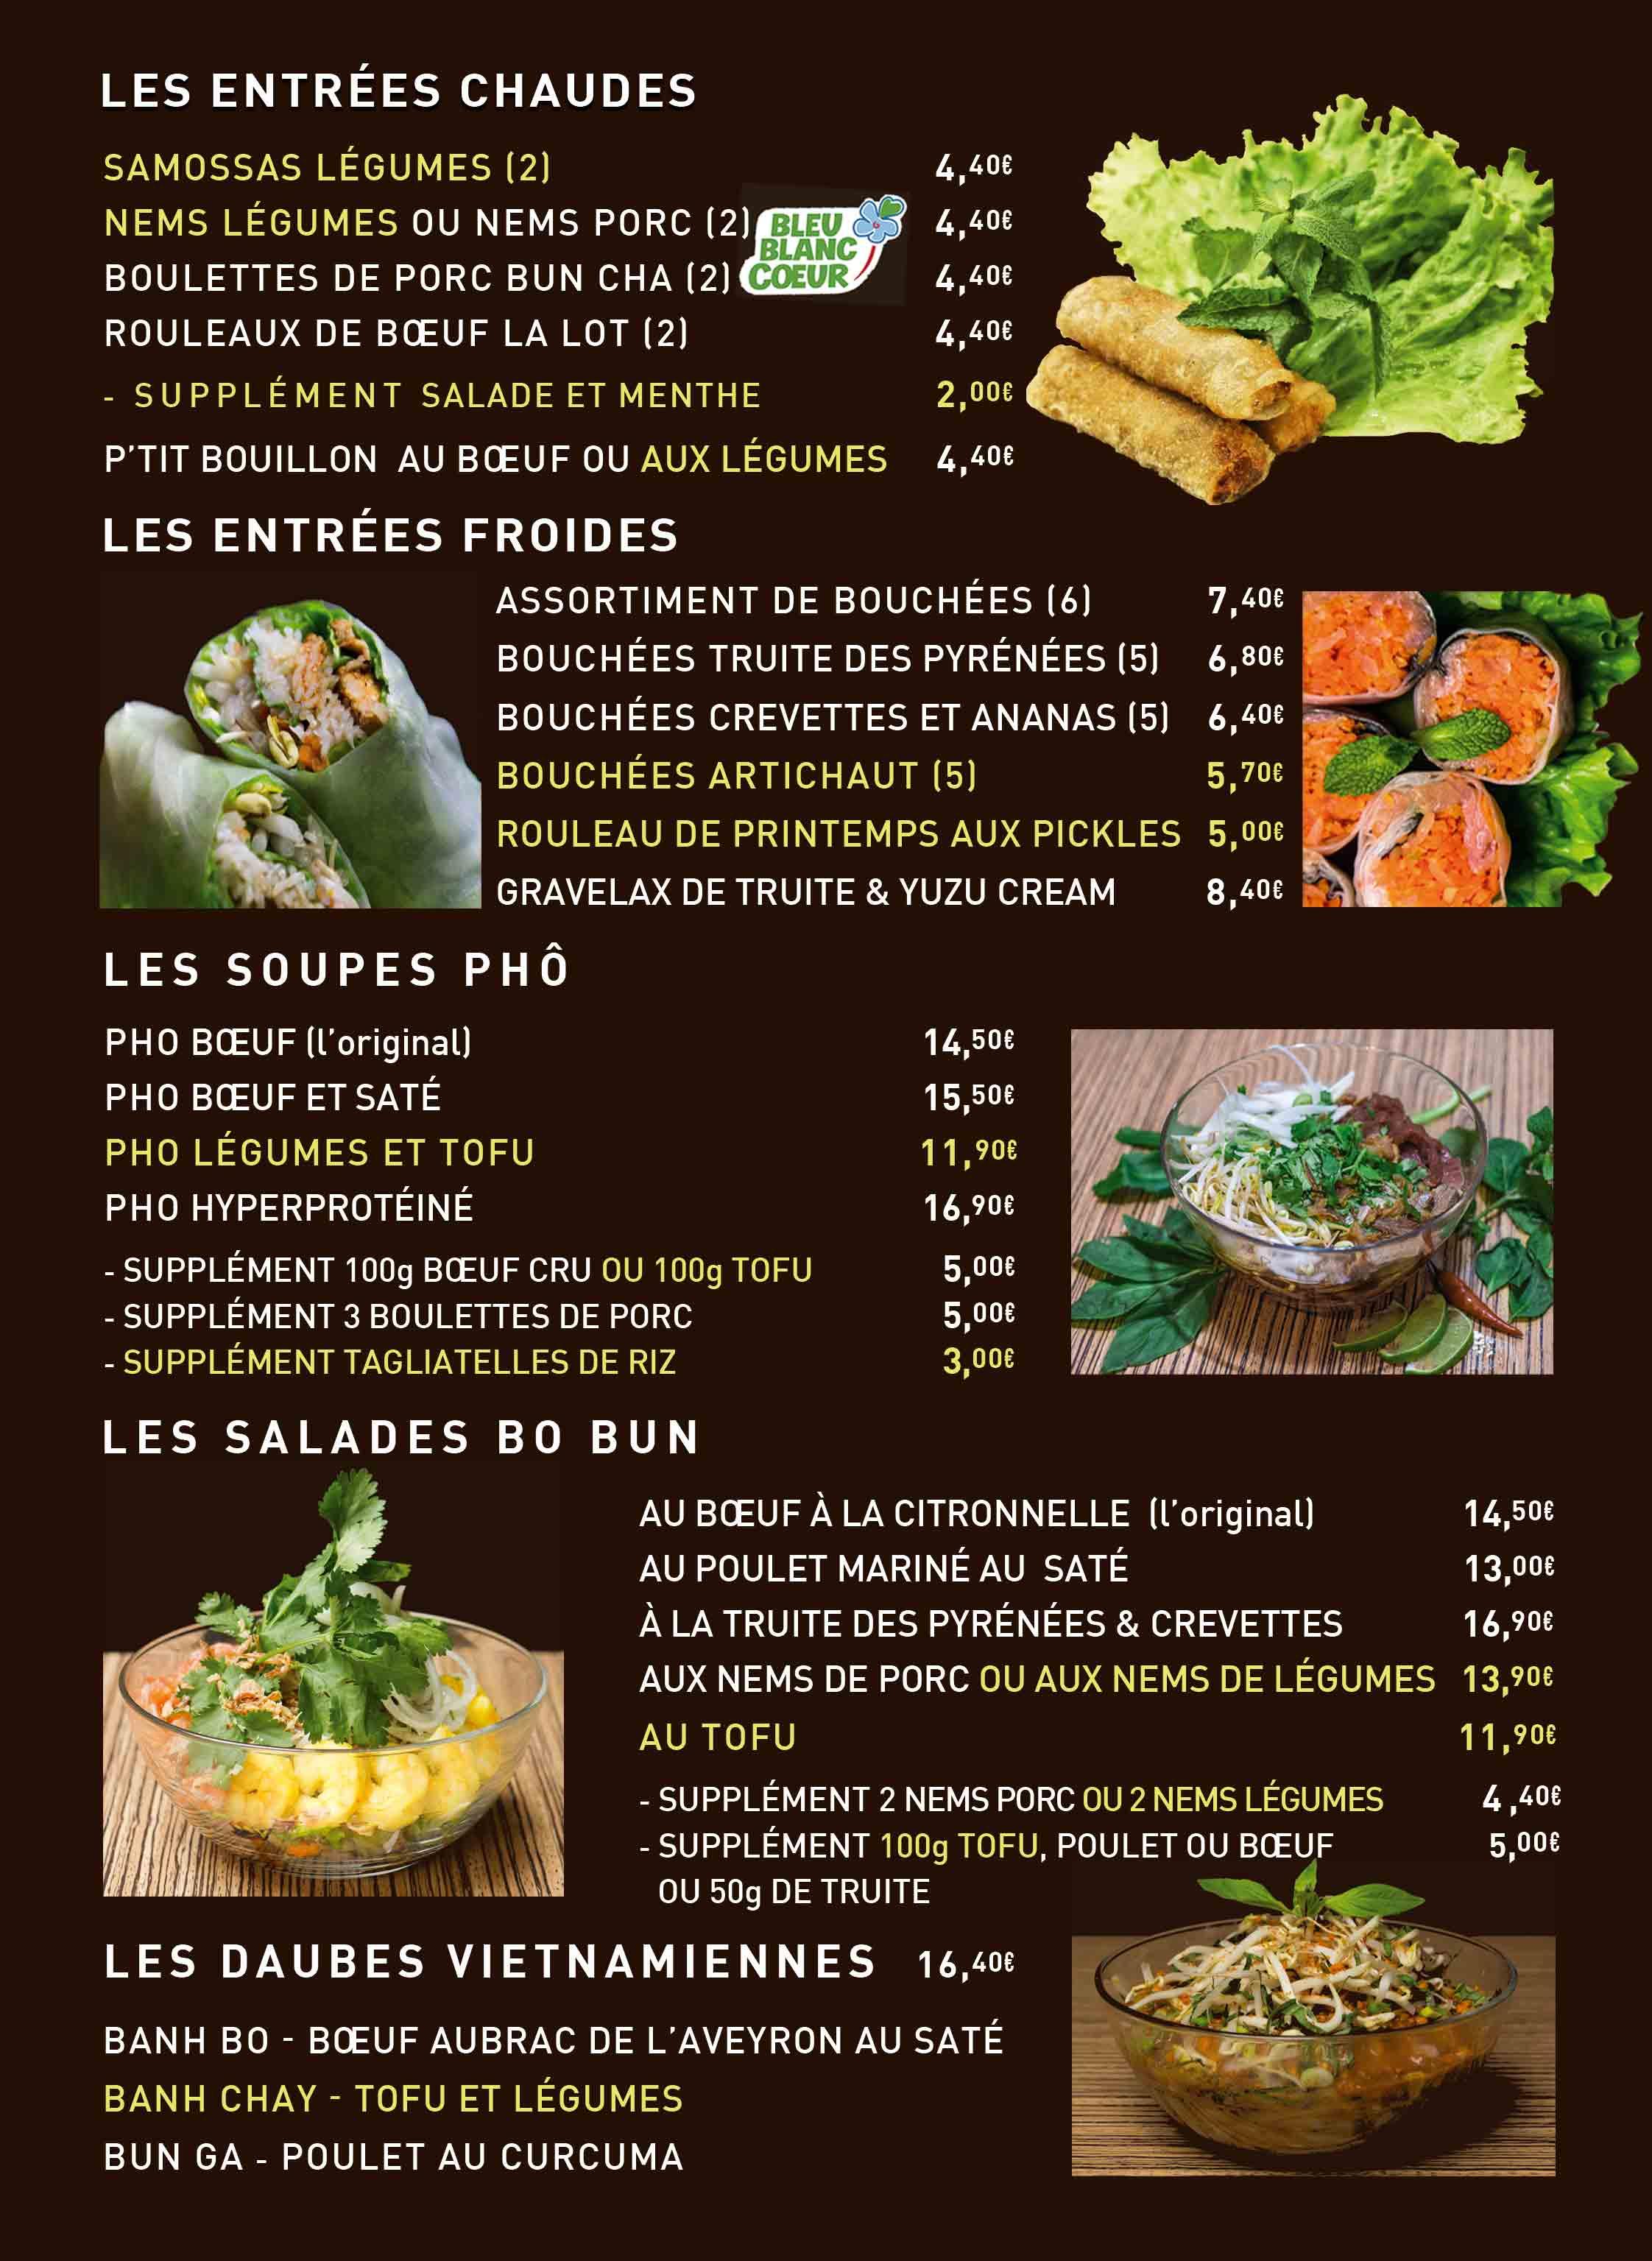 Restaurant Cuisine Ludique Plancha Toulouse Et Colomiers Batbat